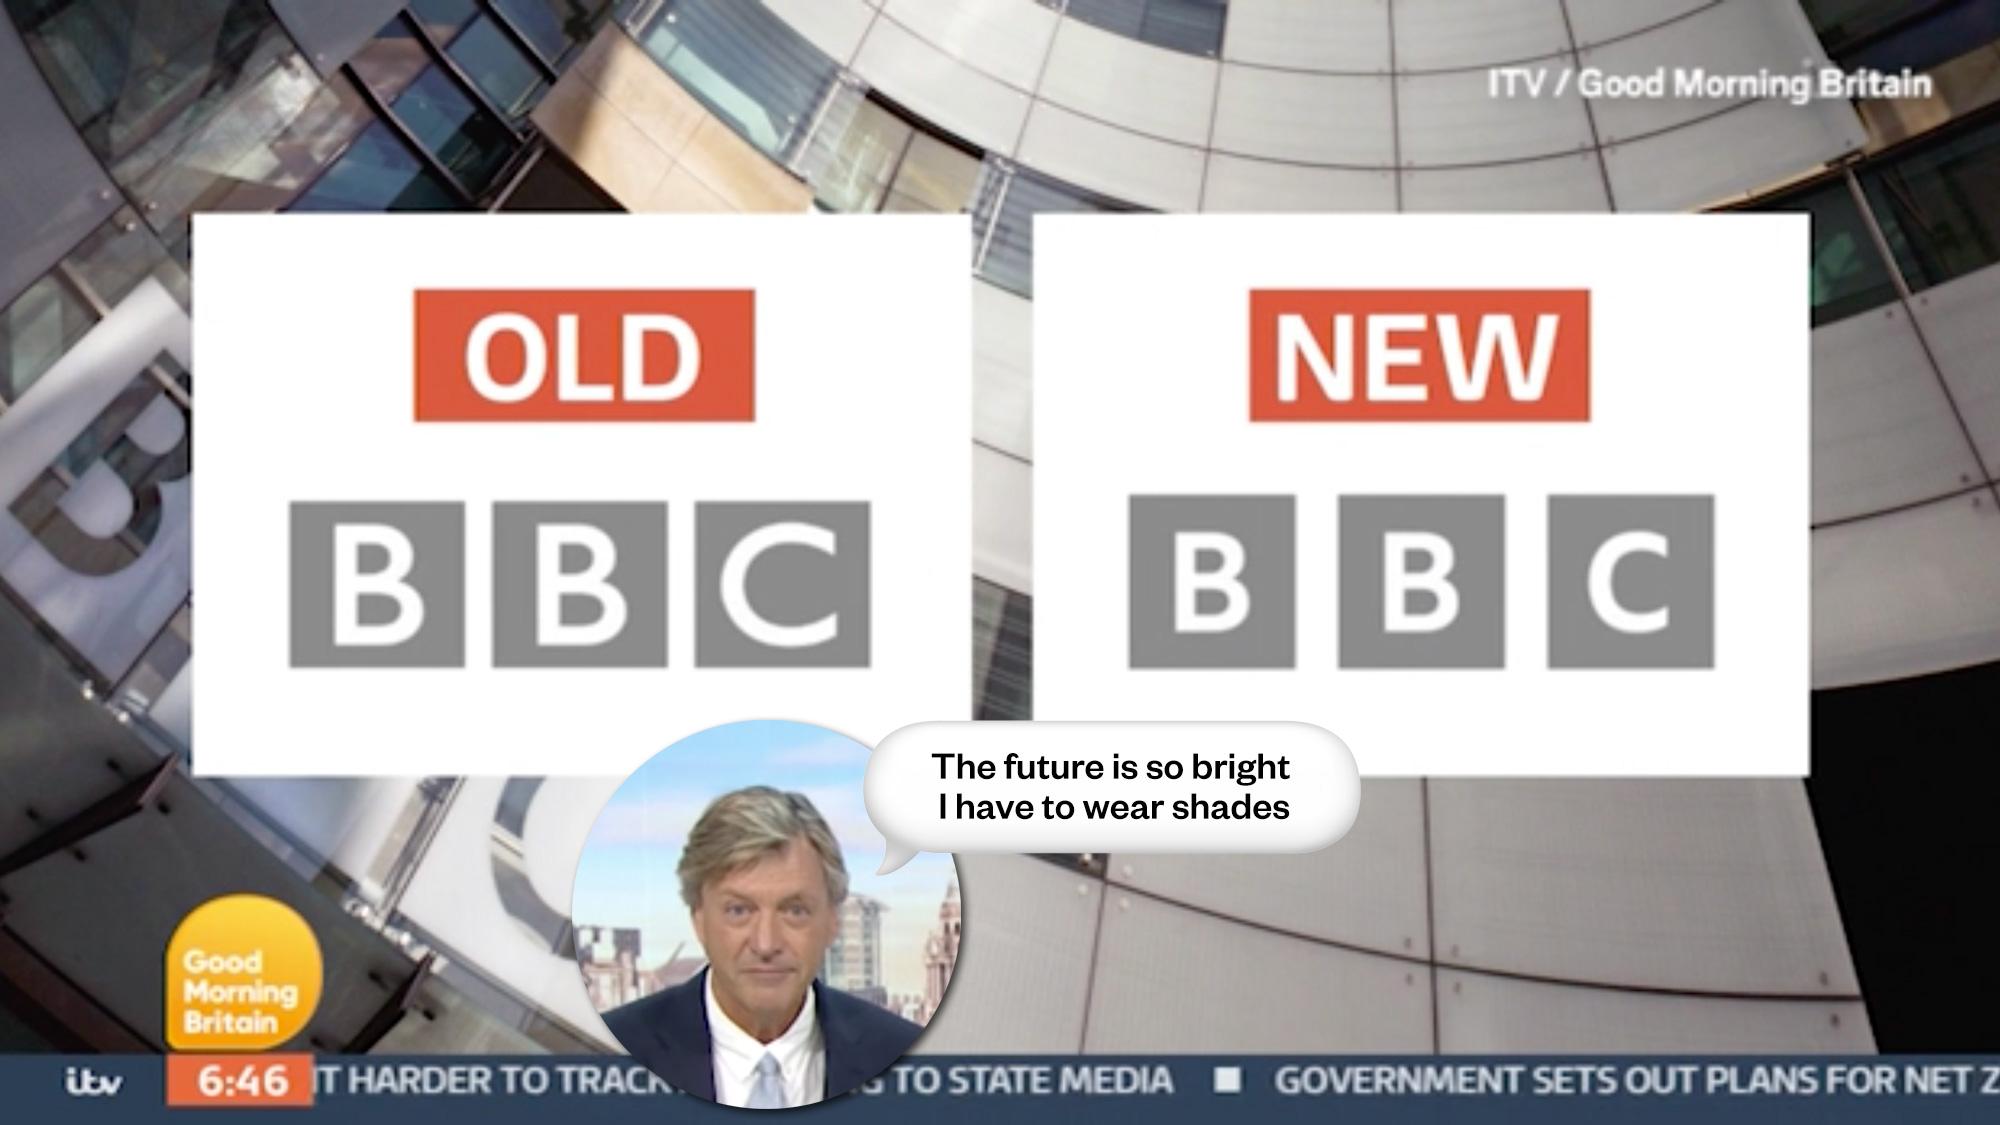 ITV Throws Shade at BBC